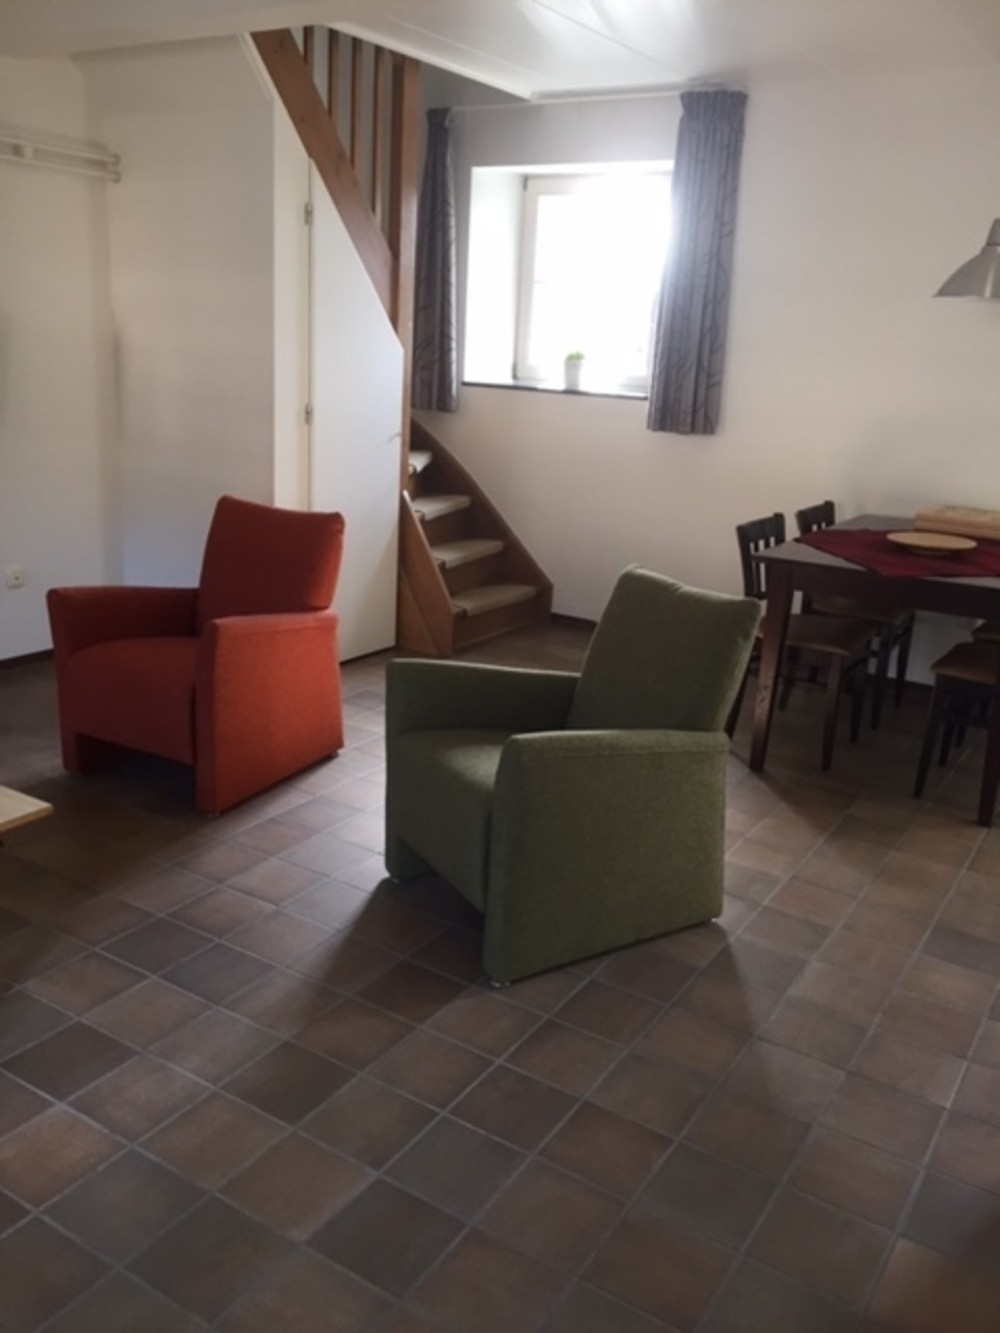 Opknappen van appartementen nieuws de puthof reymerstok - Deco van het appartement ...